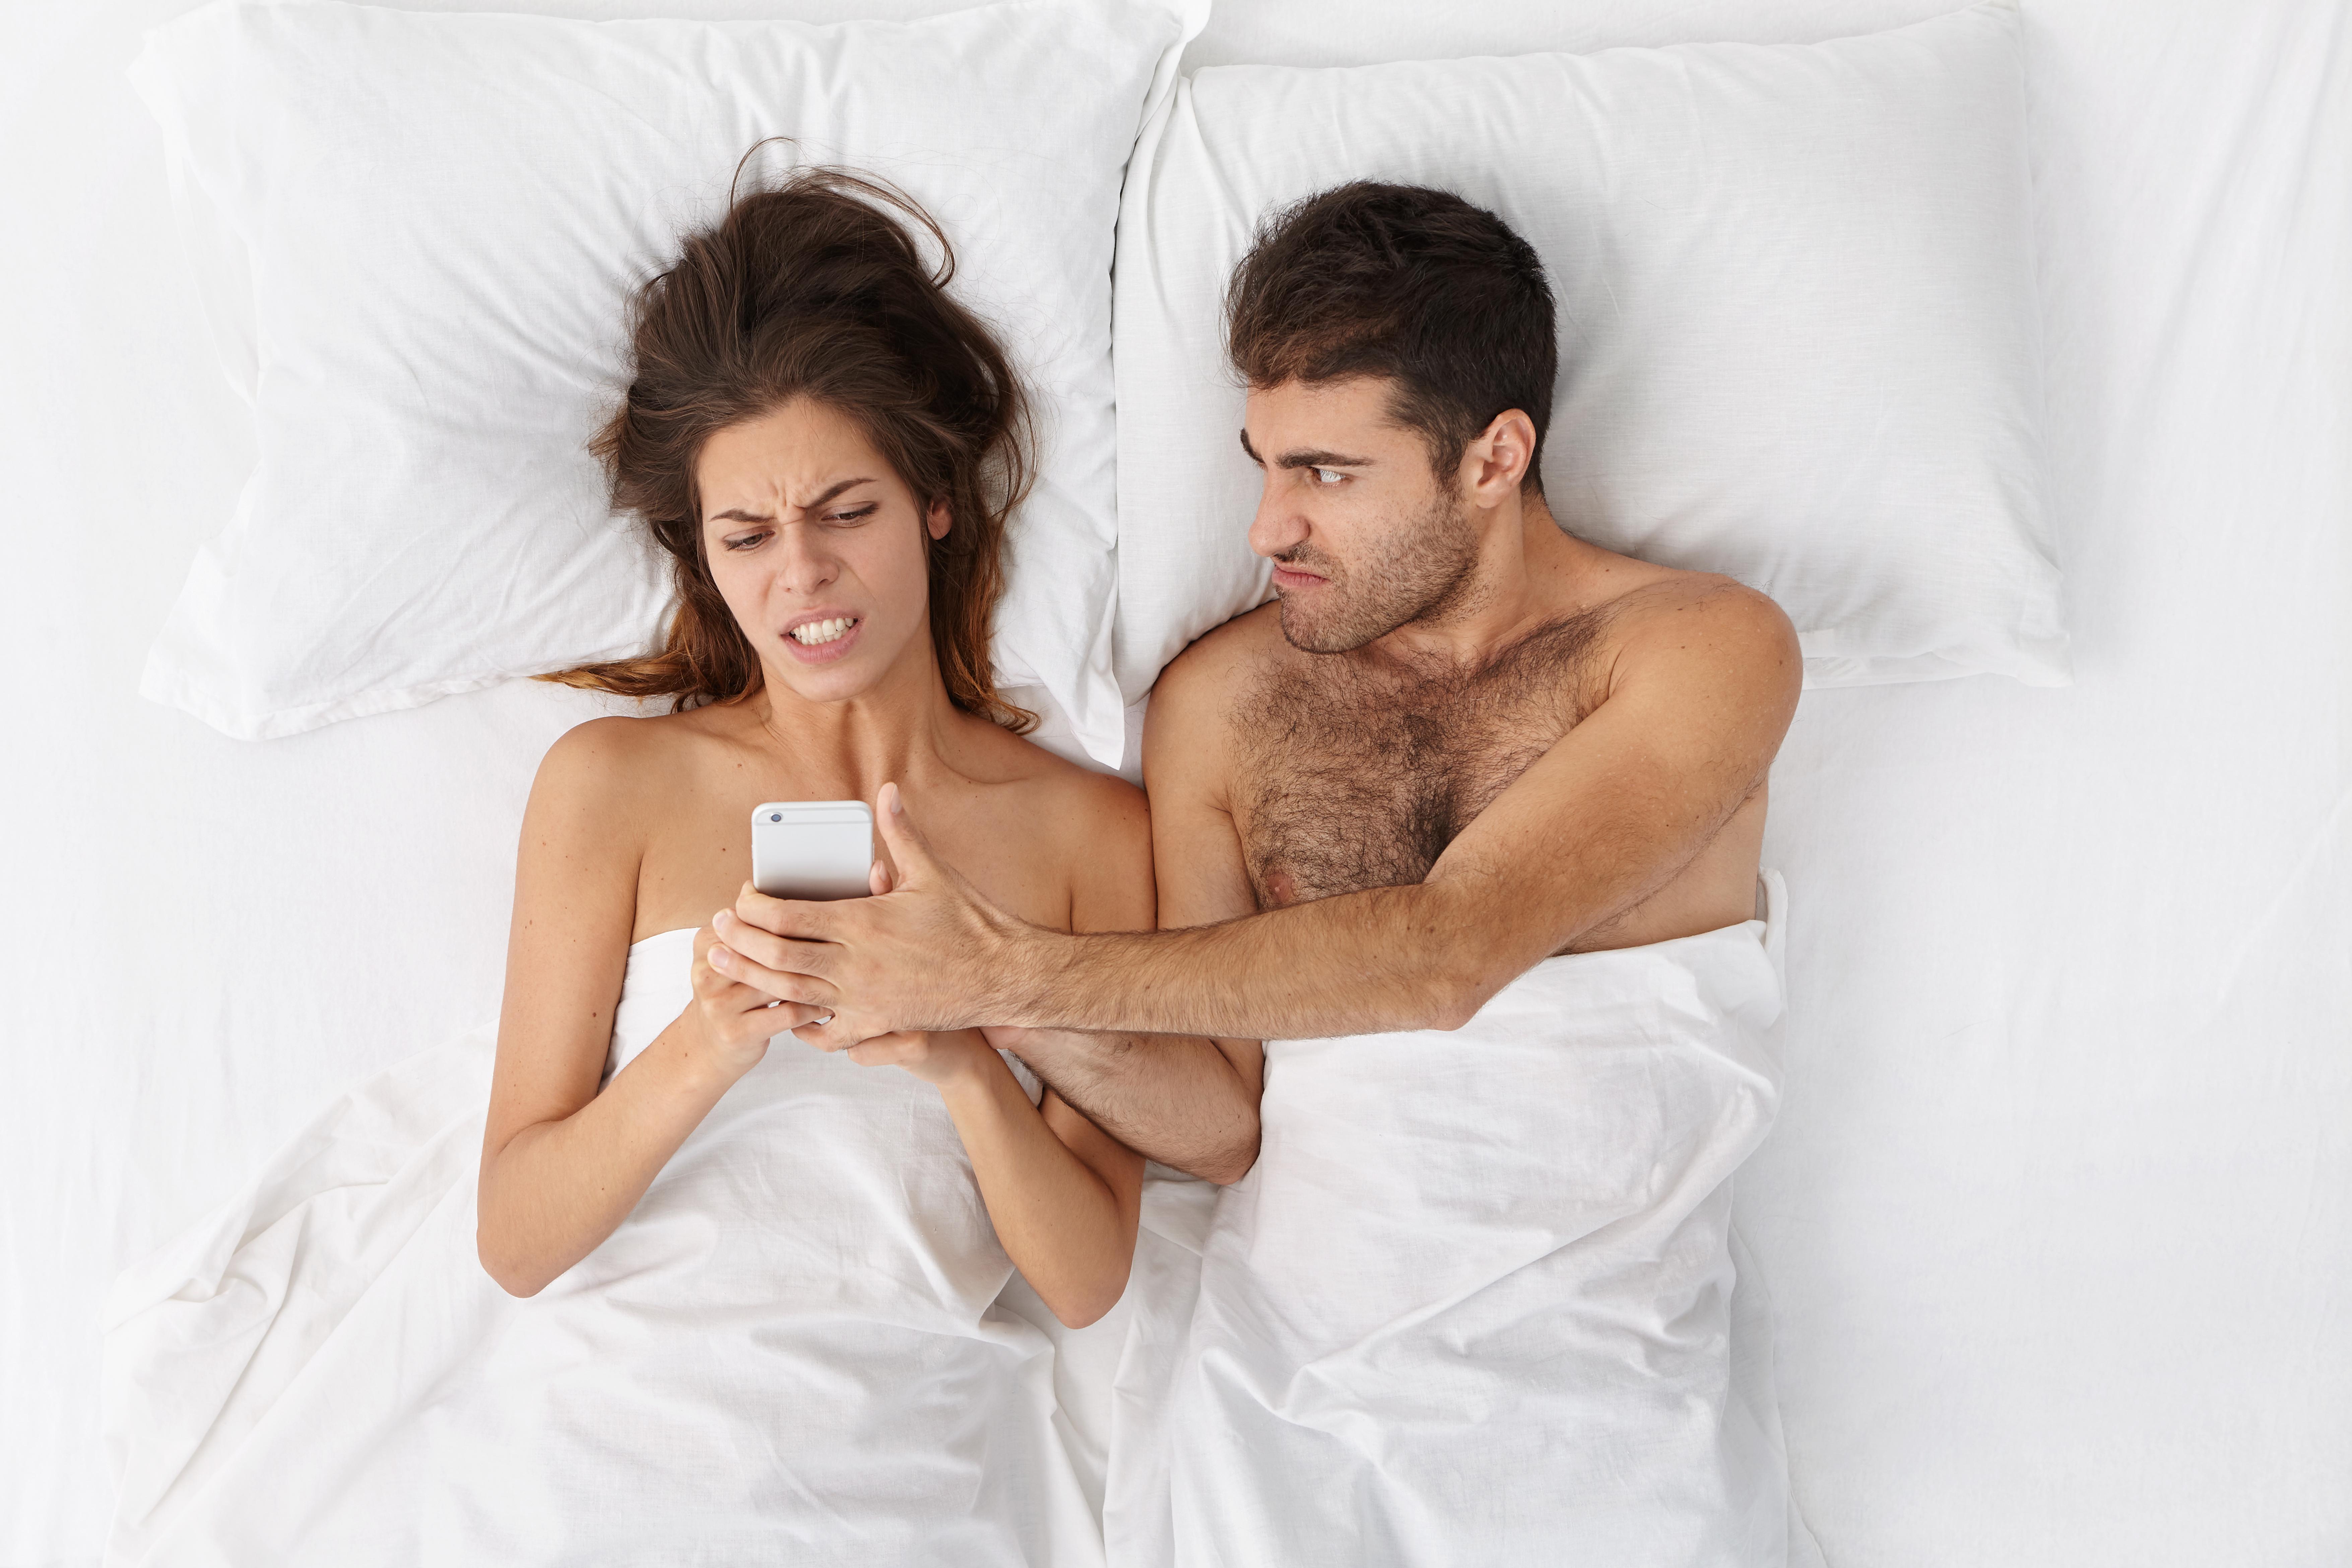 perda do desejo sexual, mulher e a libido, sexo, relação